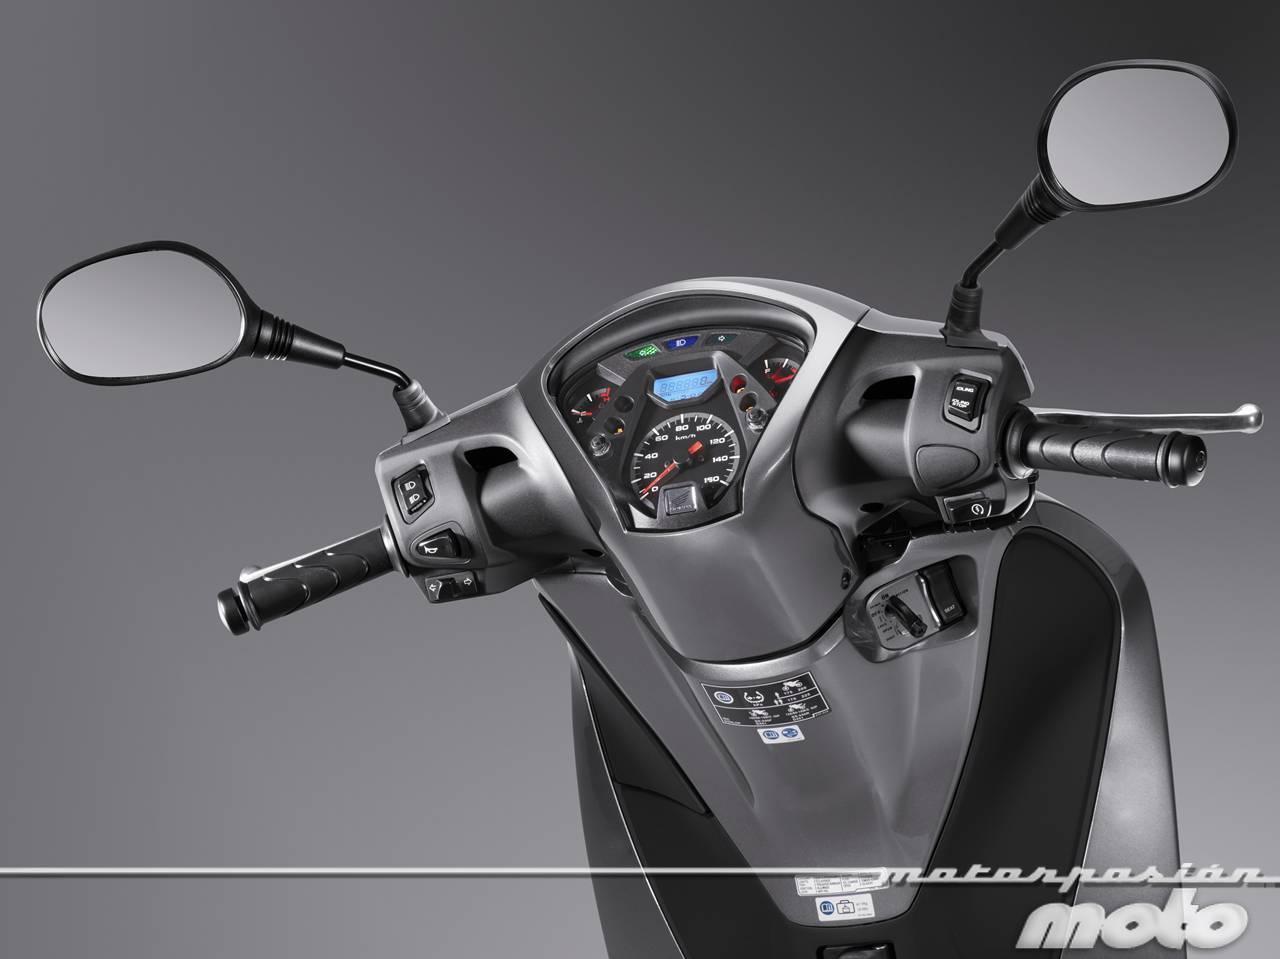 Foto de Honda Scoopy SH125i 2013, prueba (valoración, galería y ficha técnica)  - Fotos Detalles (67/81)